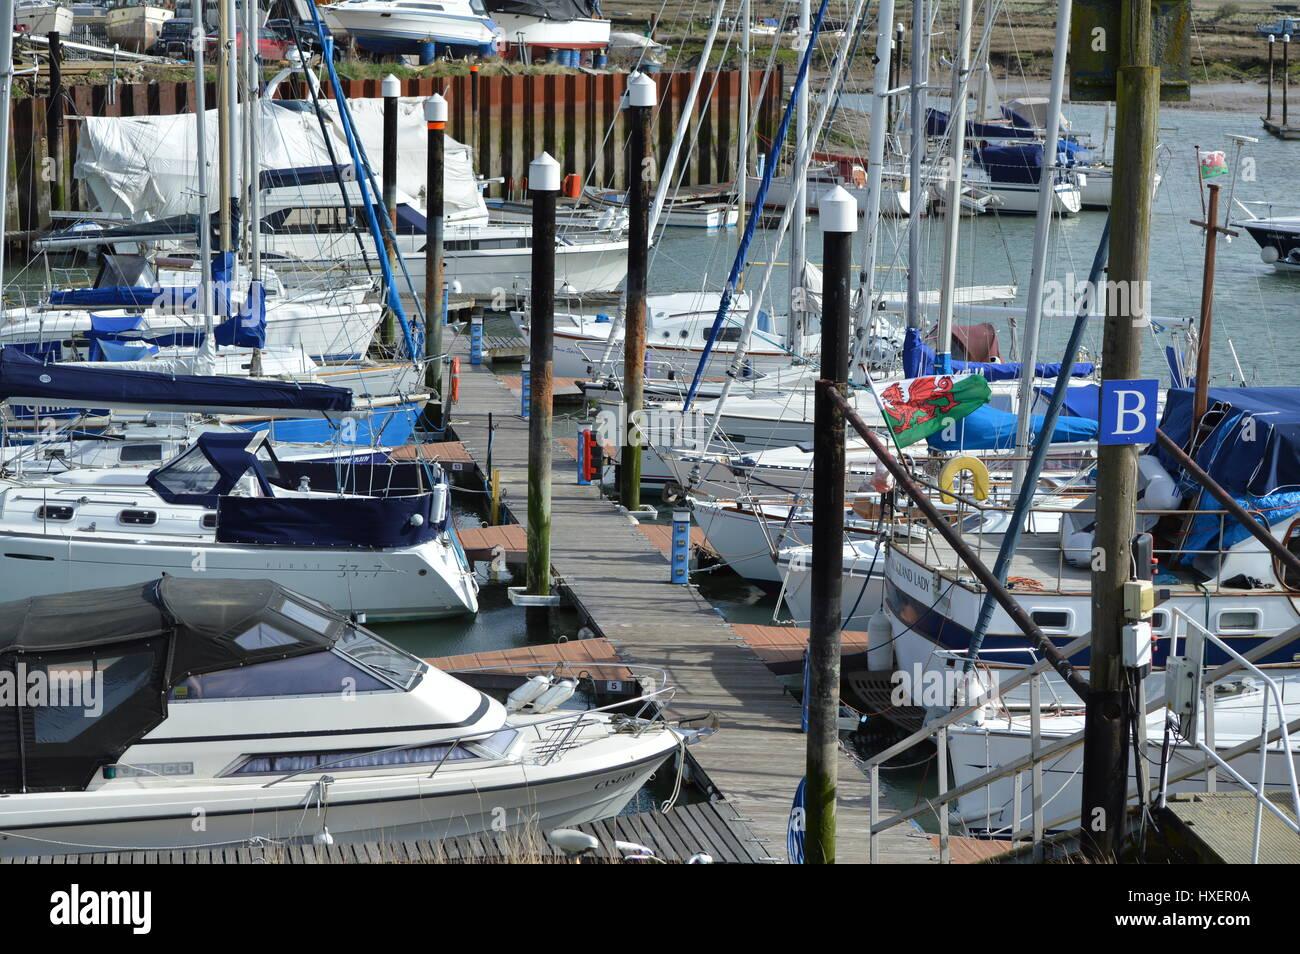 Yachts at Tollesbury Marina Stock Photo